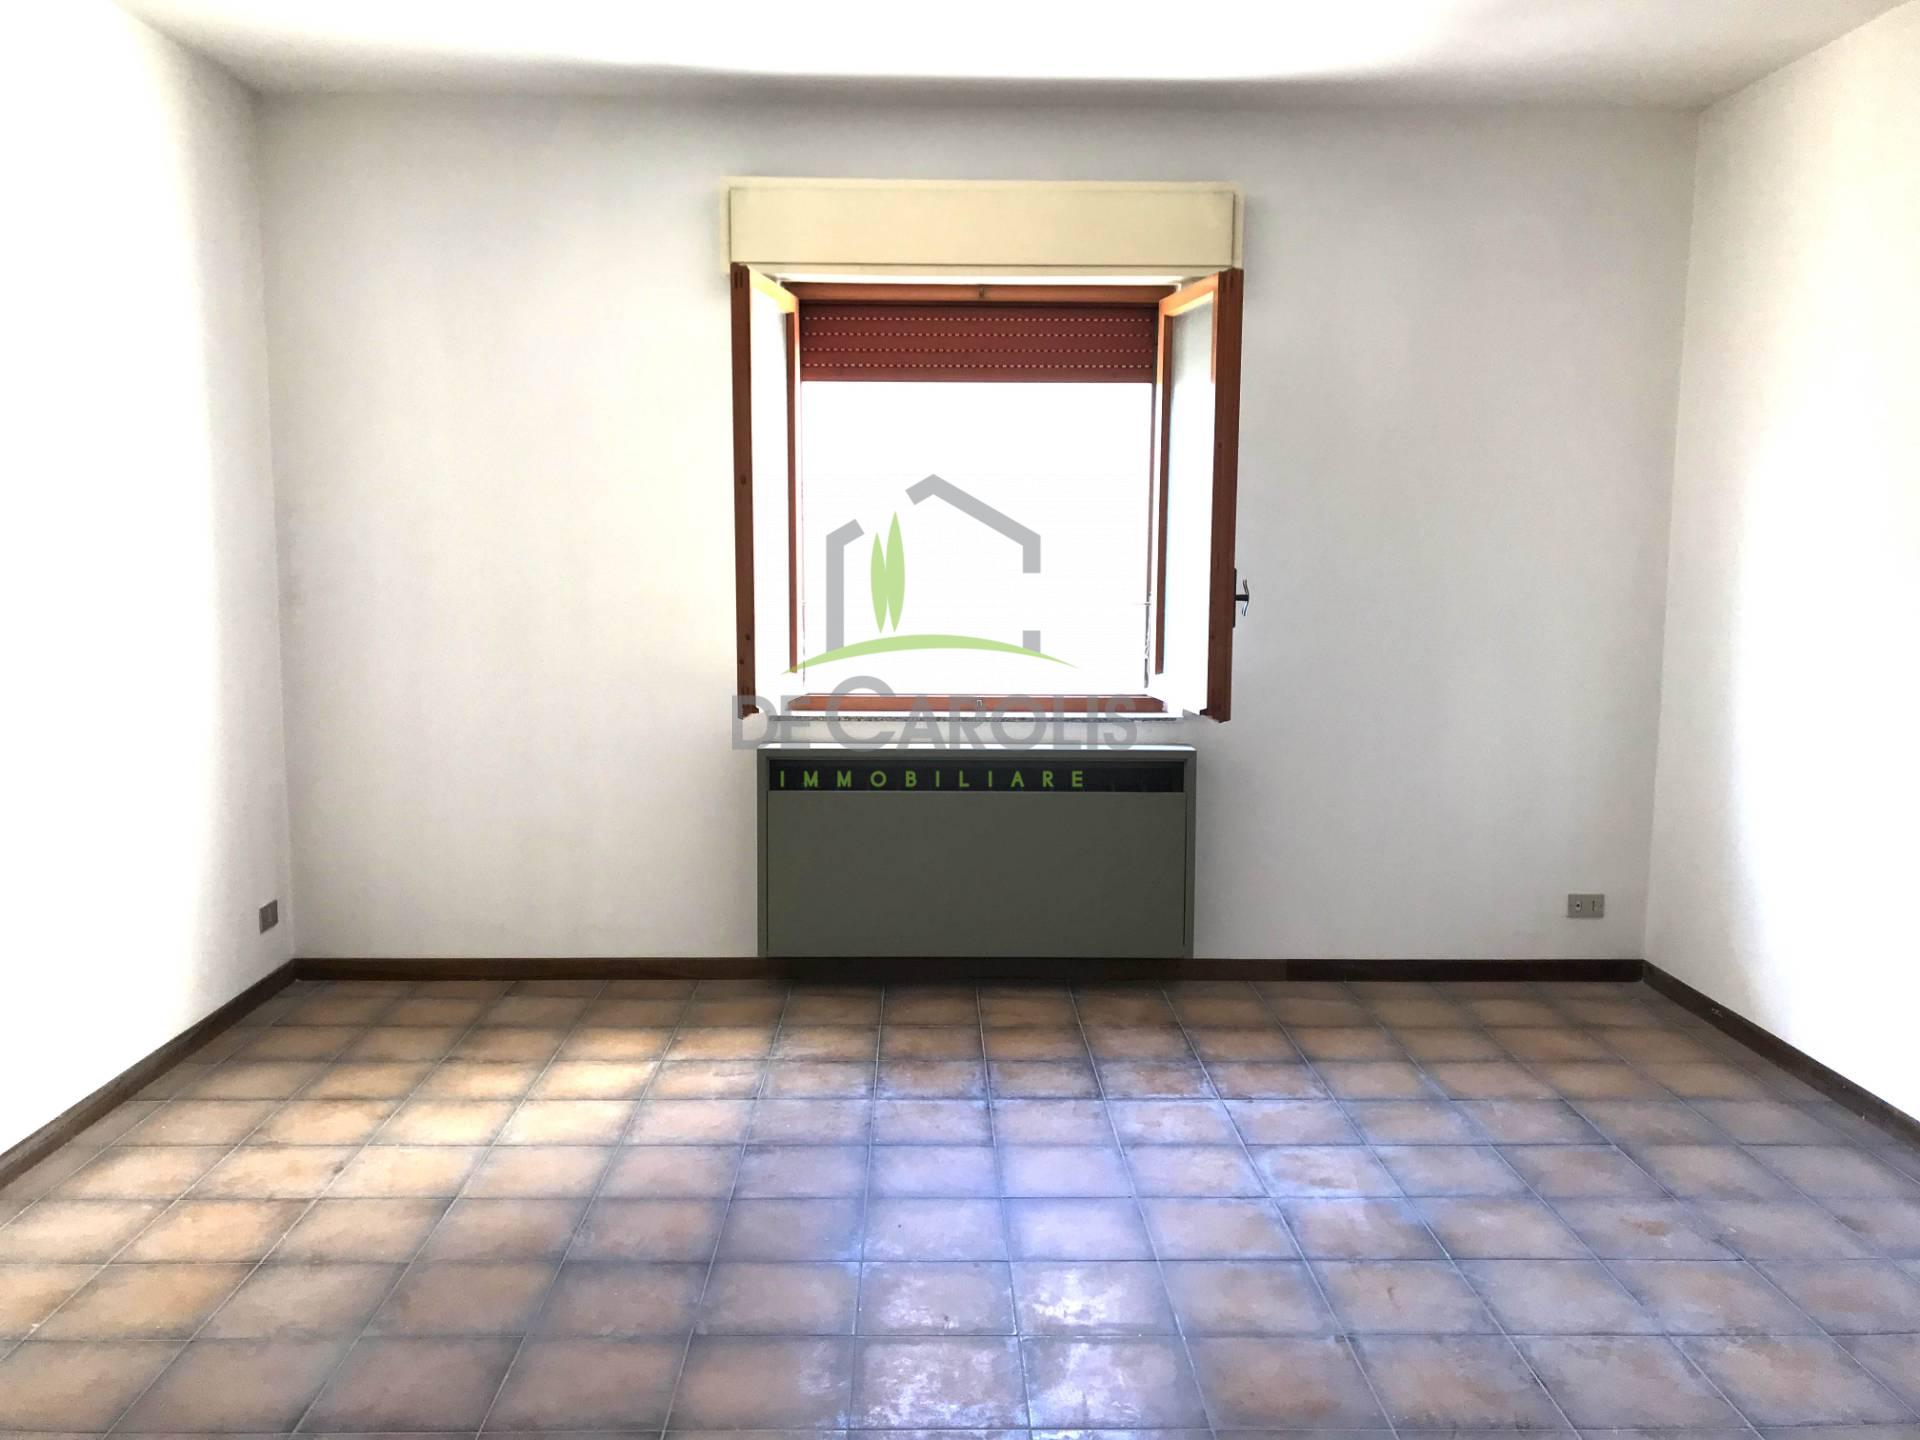 Appartamento in vendita a Castel di Lama, 6 locali, zona Località: CasteldiLamaBasso, prezzo € 105.000 | CambioCasa.it